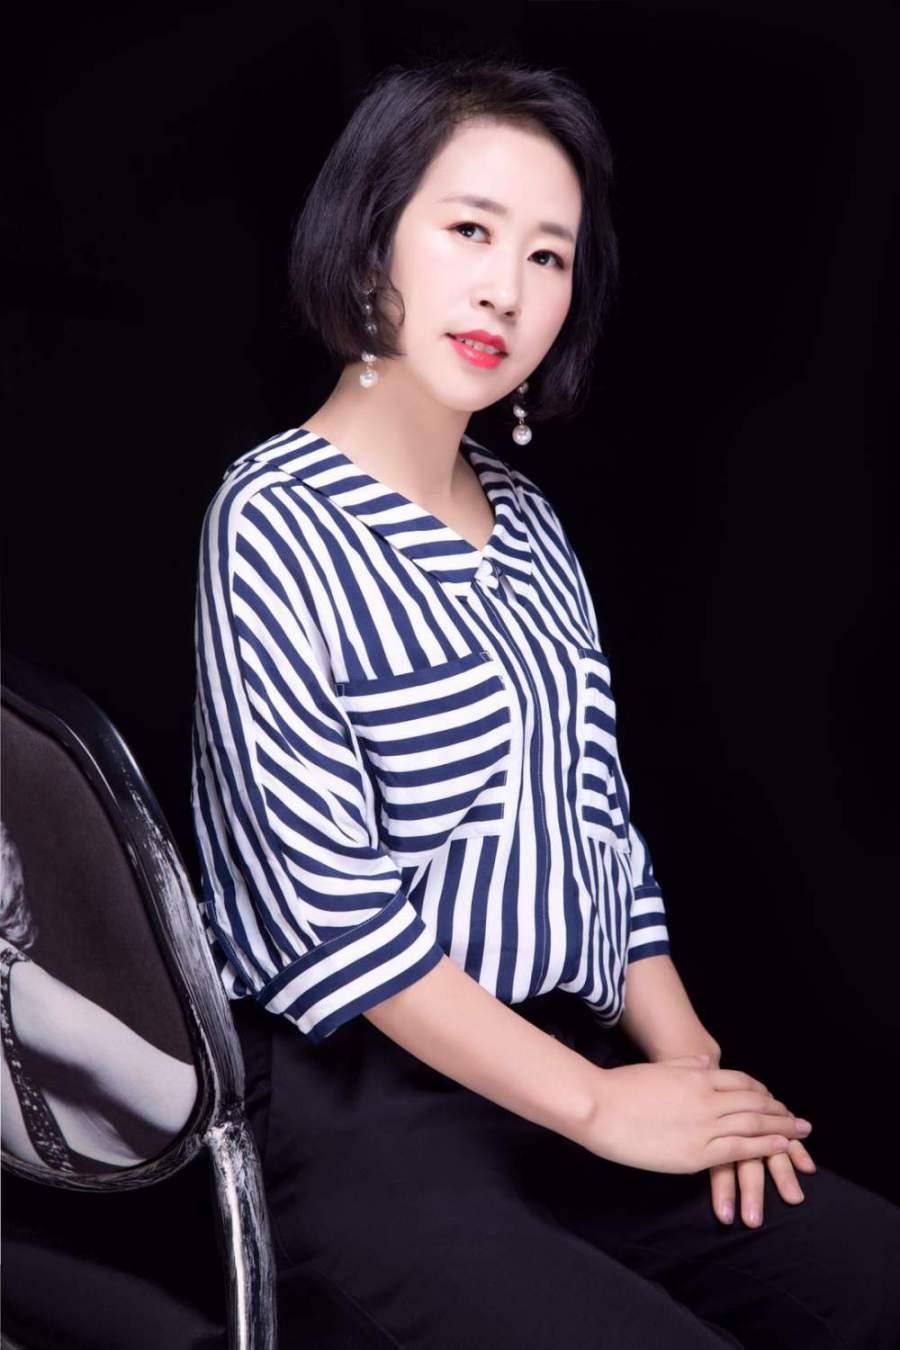 亚博体育88app官网亚博体育app苹果版设计师张丽霞